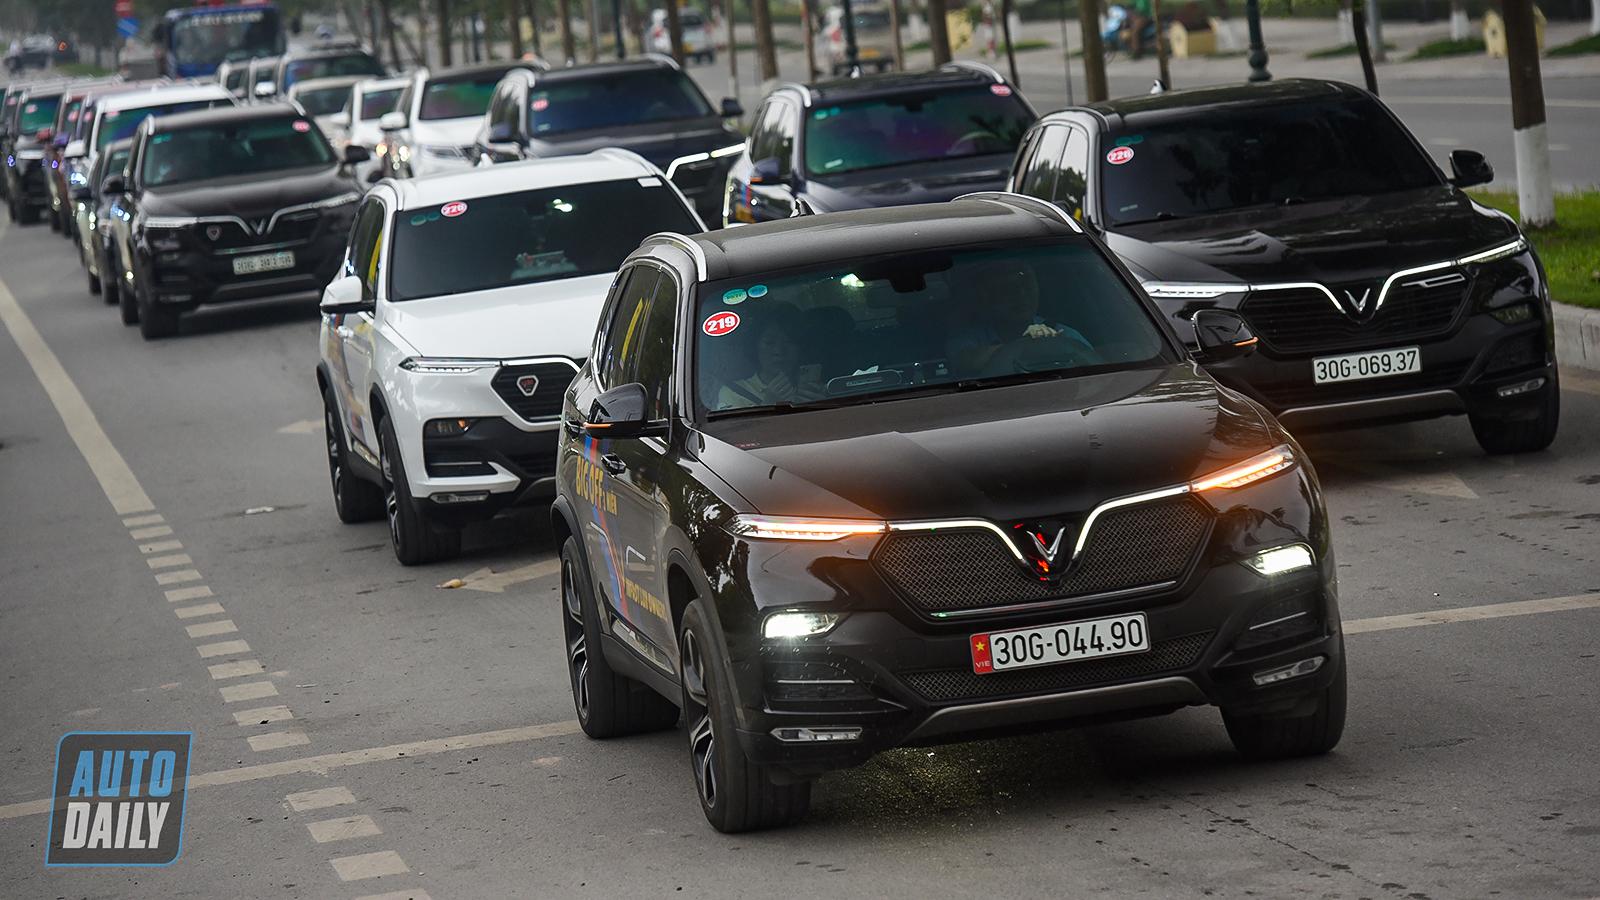 Chùm ảnh gần 60 xe VinFast Lux tại Hà Nội xuất phát Offline 3 miền tại Hội An